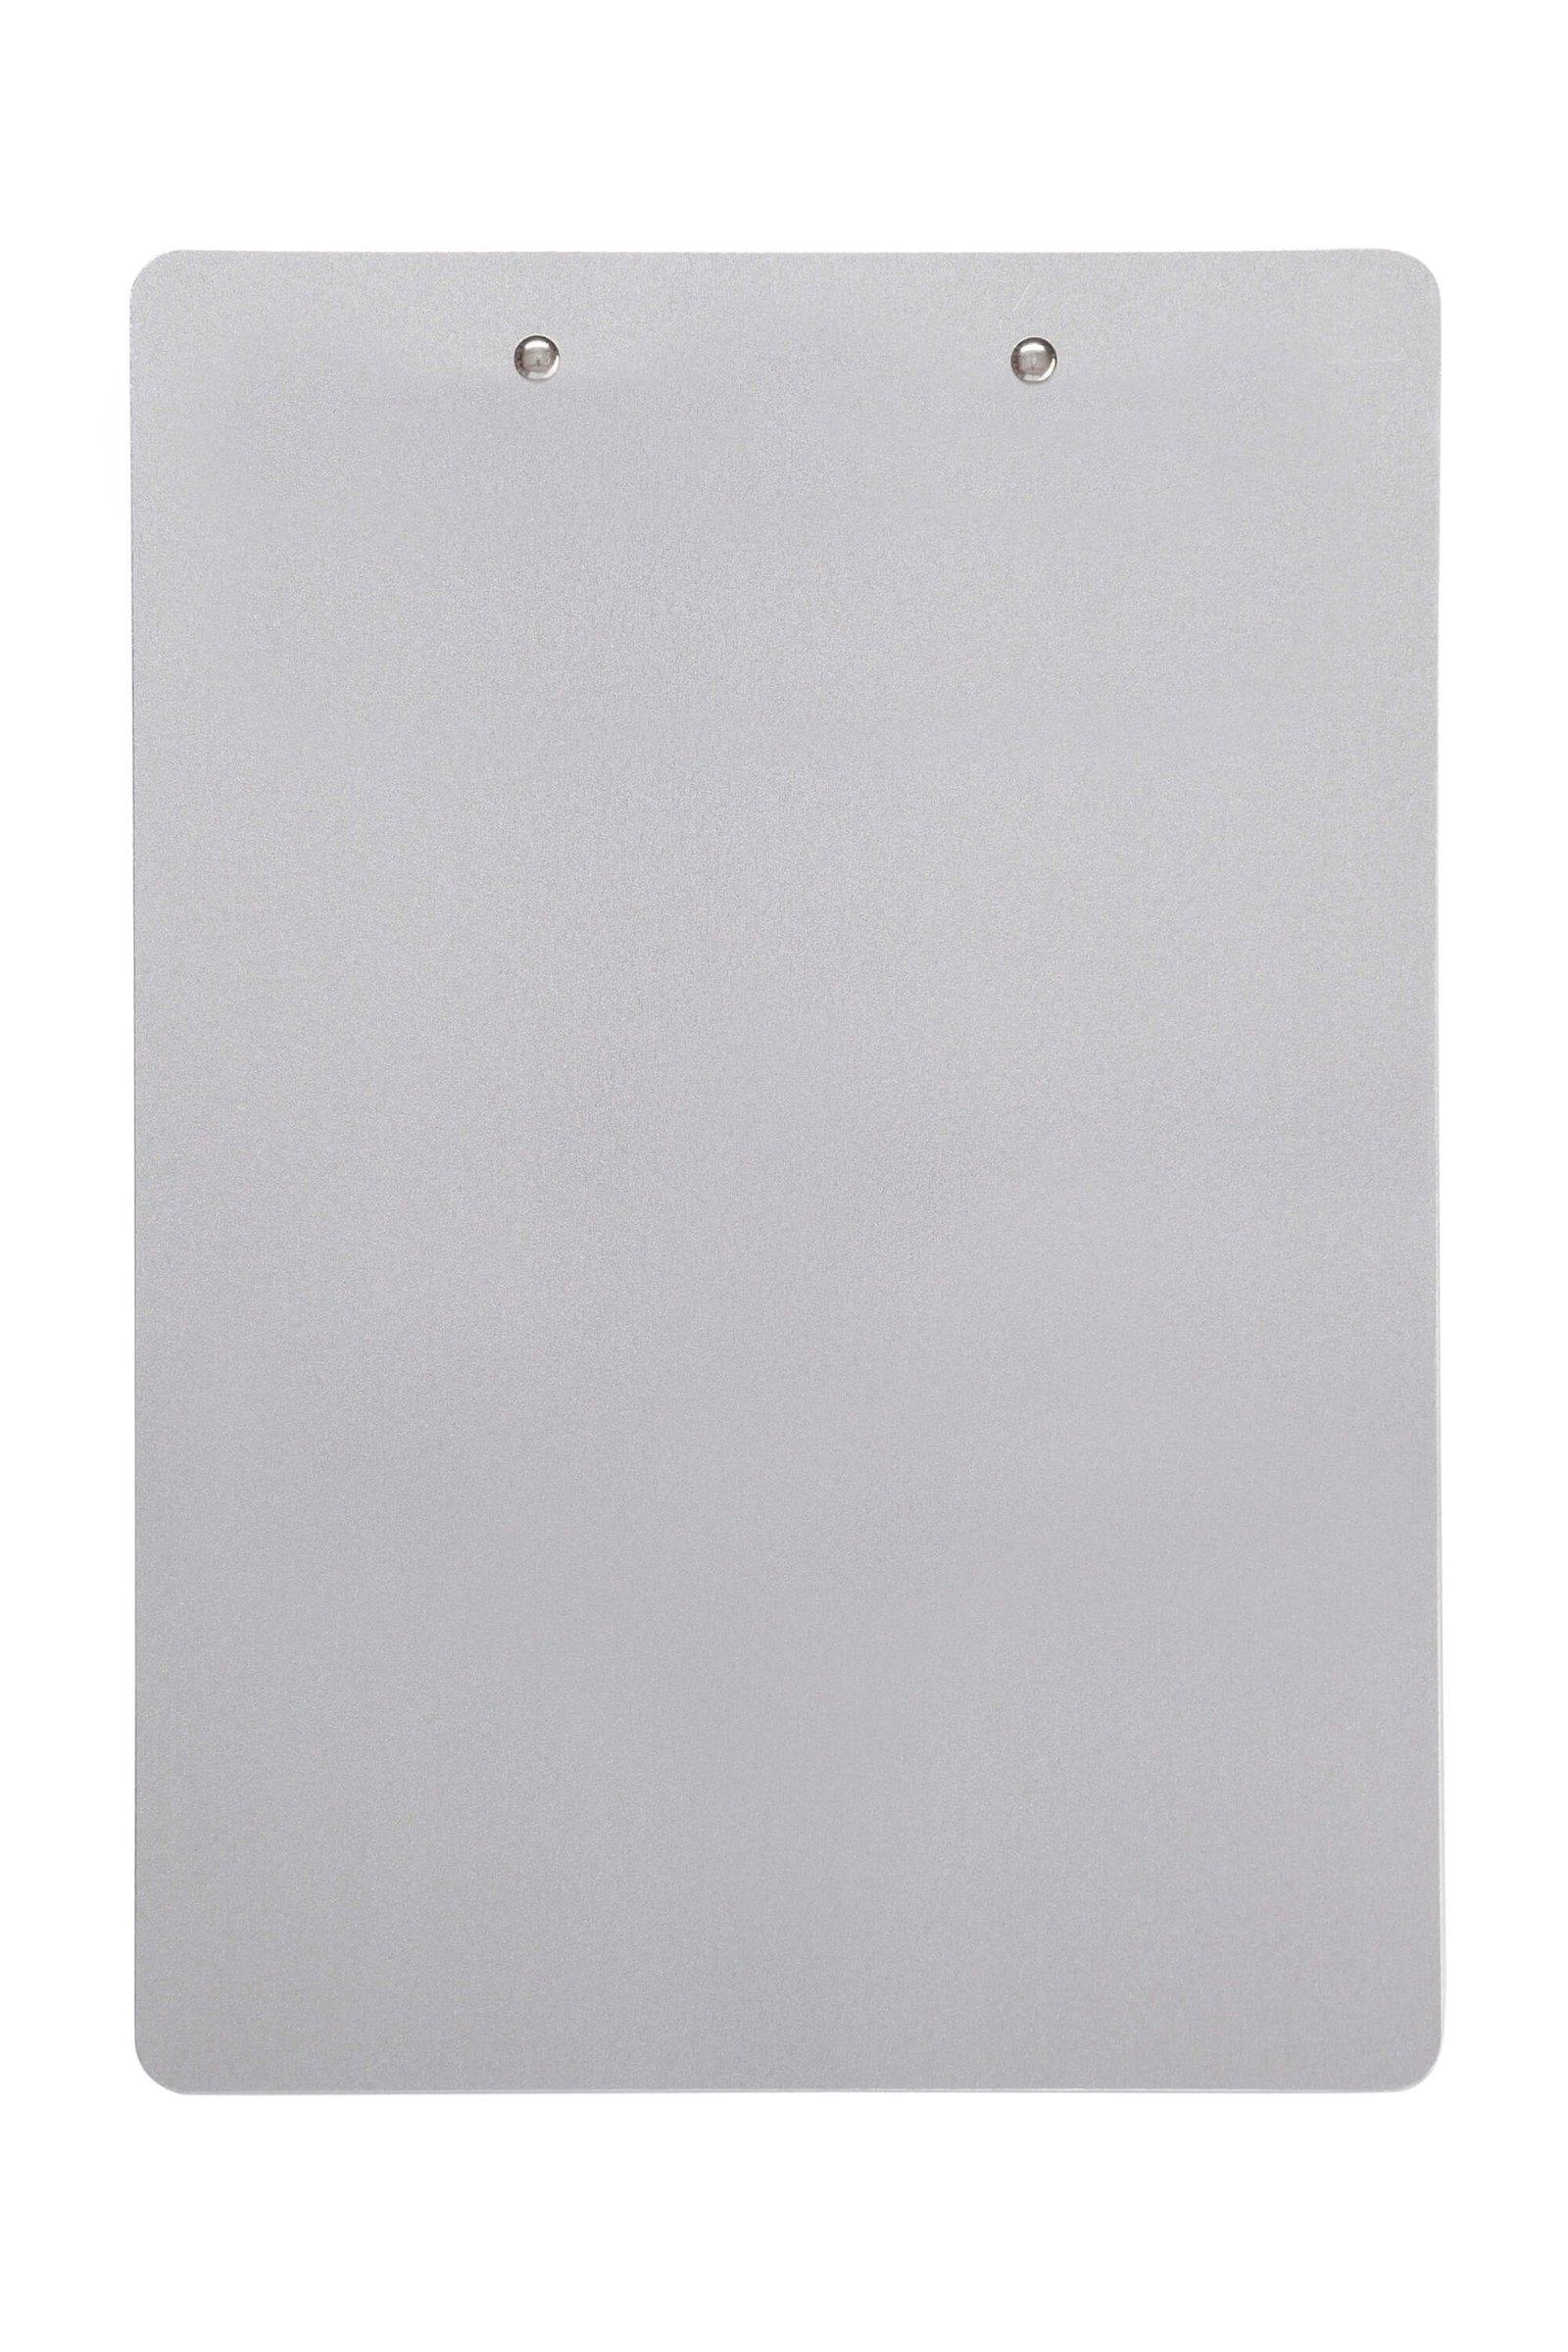 Schreibplatte, Aluminium mit Bügelklemme